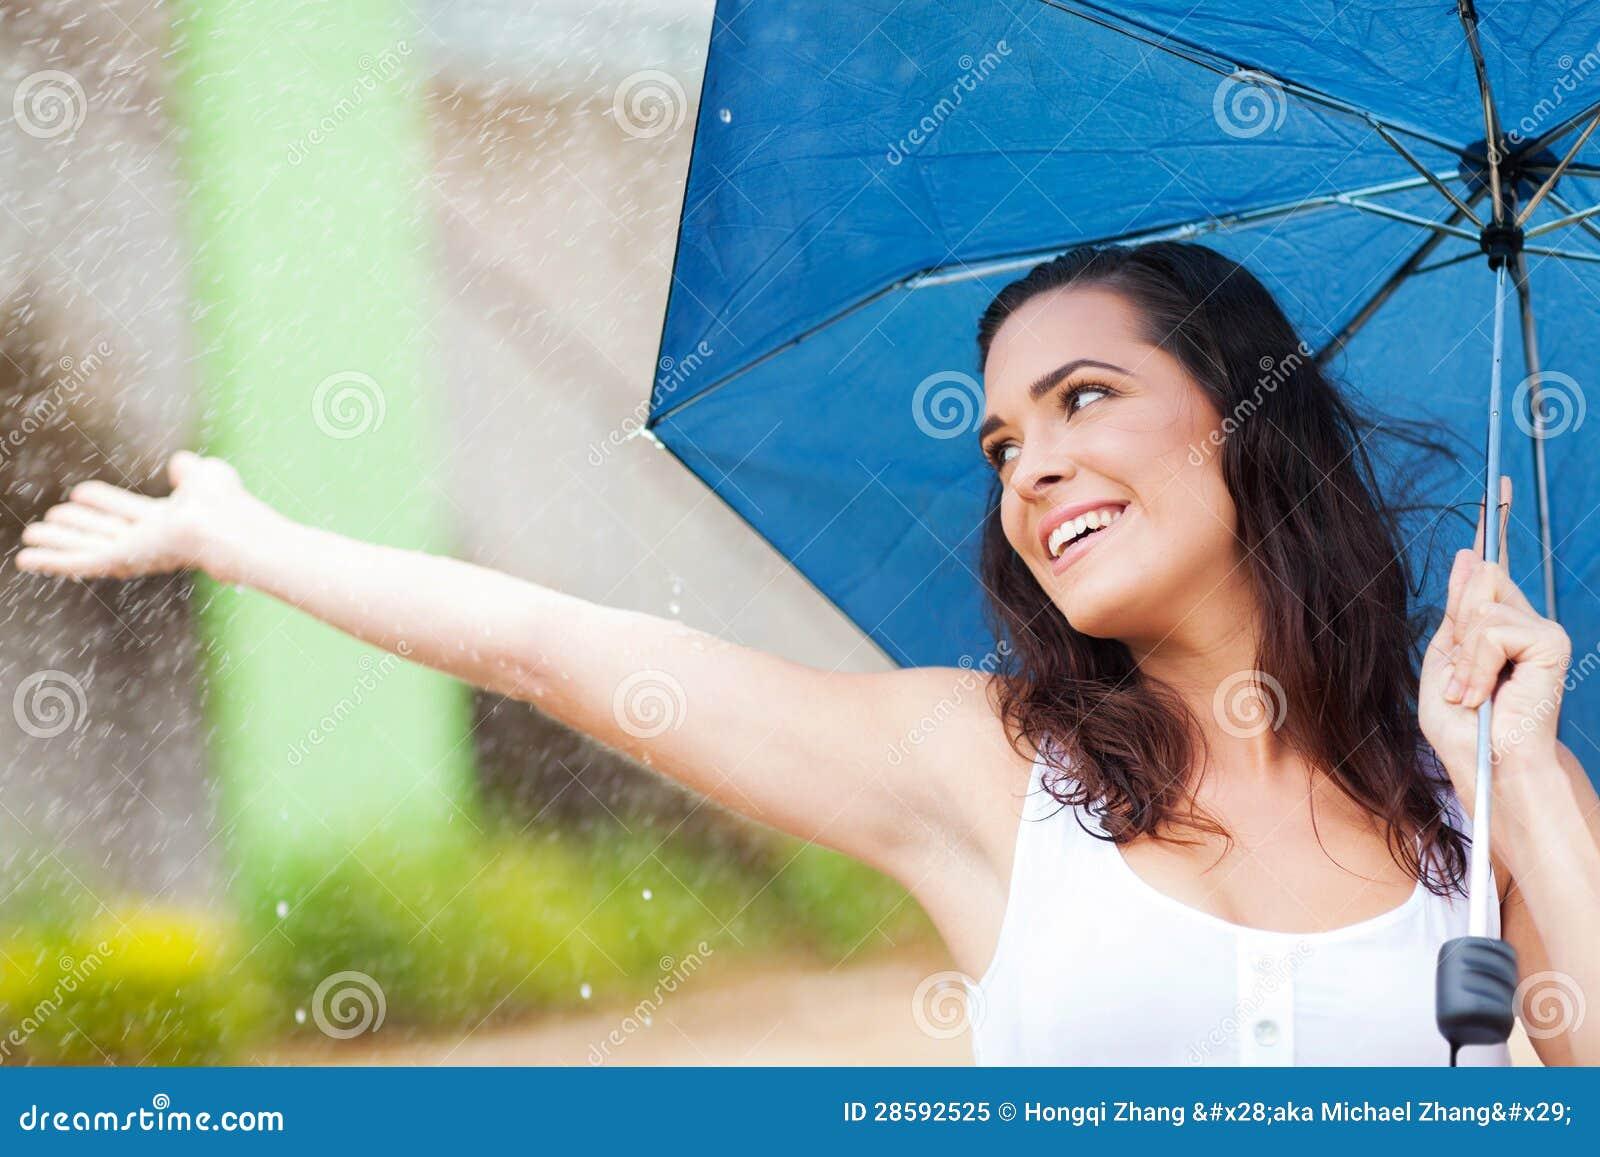 Spaß im Regen haben